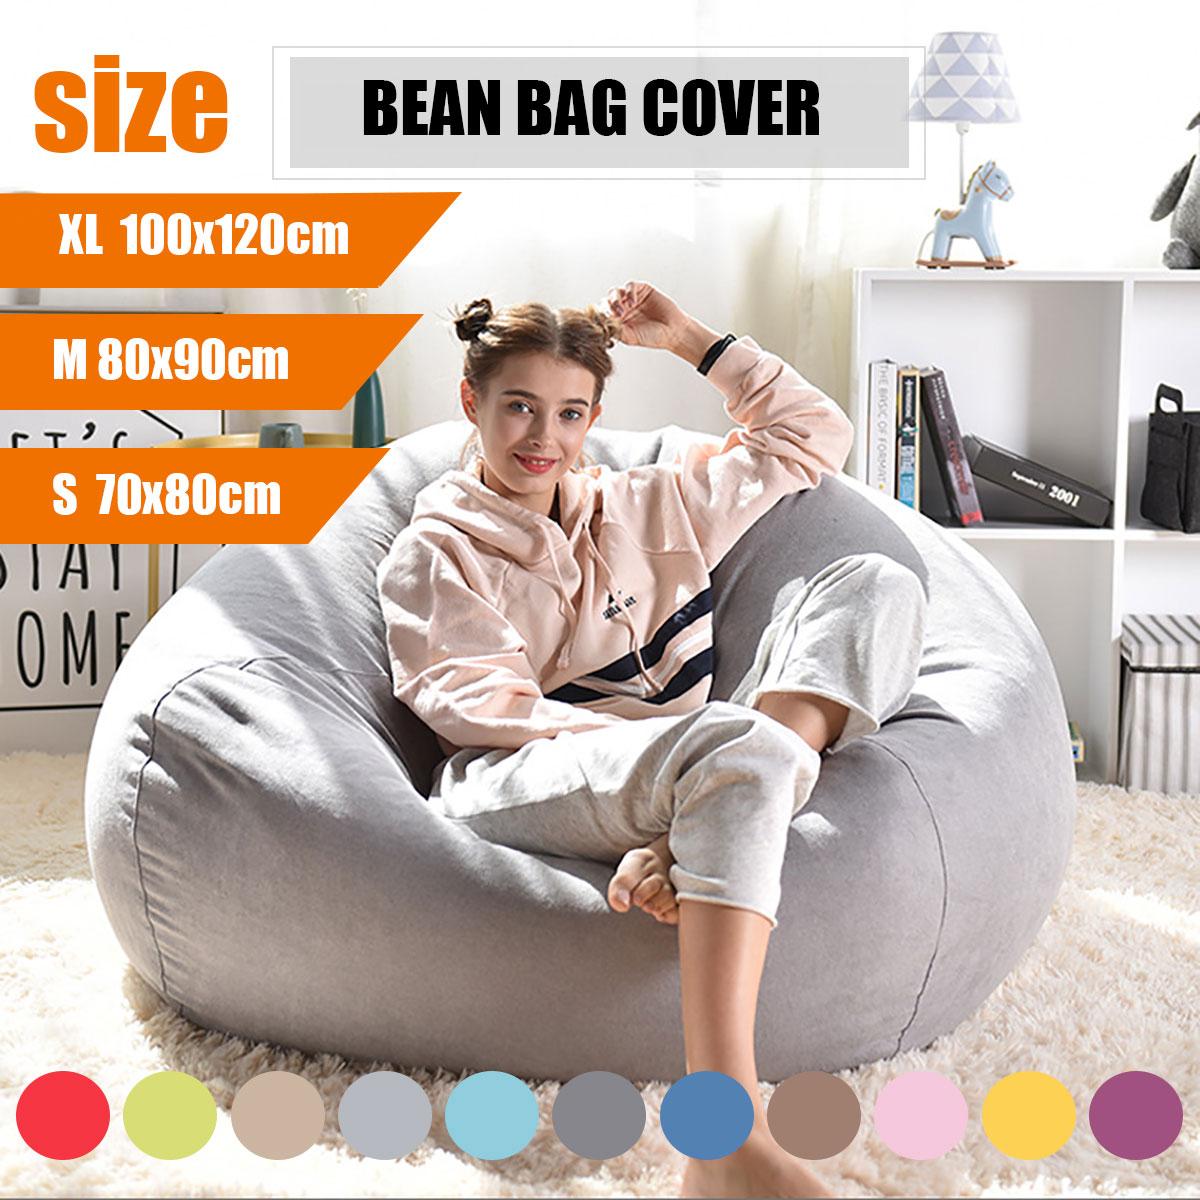 Preguiçoso beanbag sofás capa cadeiras sem enchimento pano de linho espreguiçadeira assento saco de feijão puff asiento sofá tatami móveis da sala estar